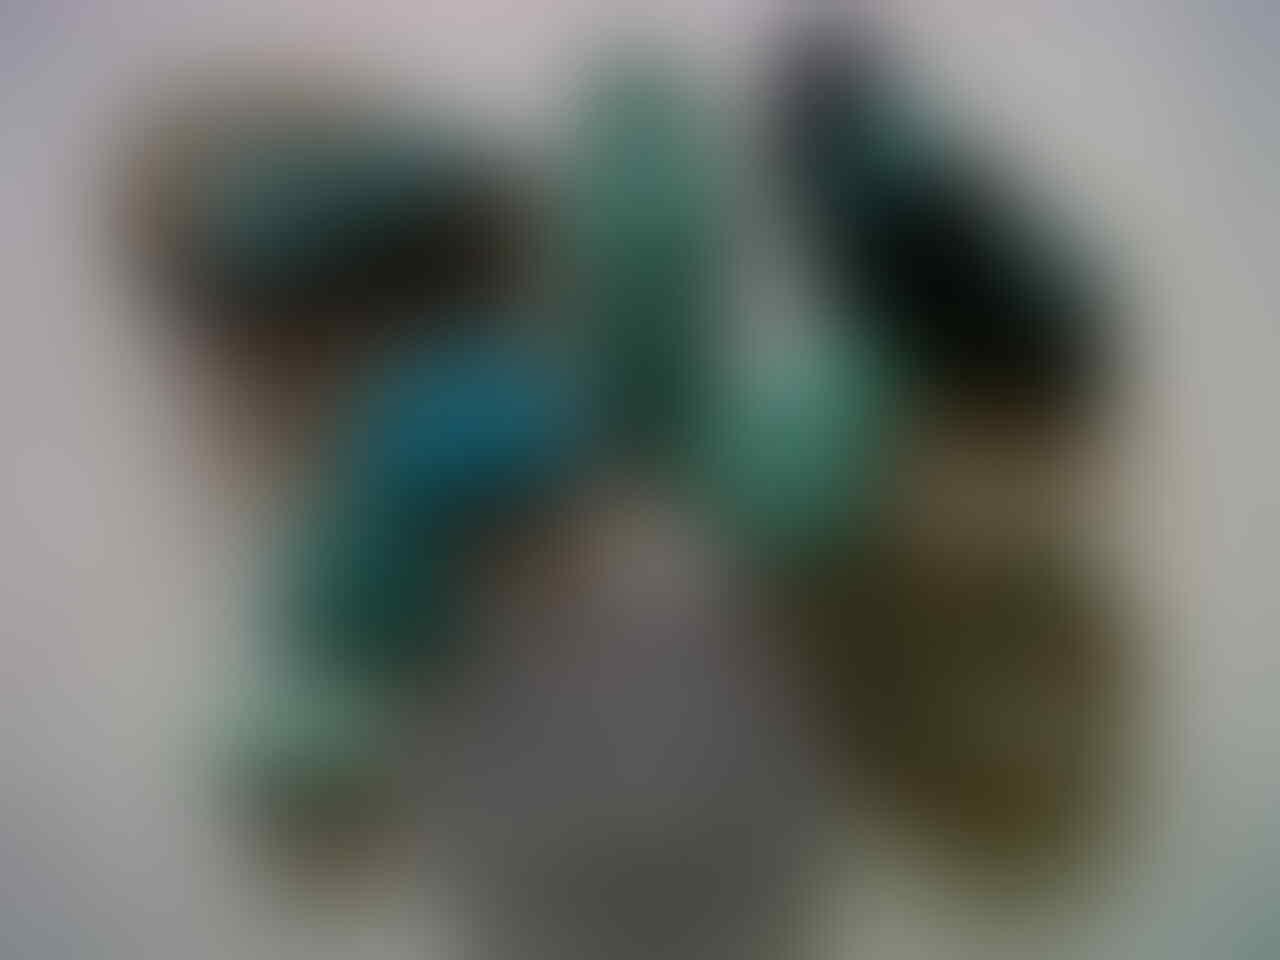 Terjual Obral Bacan Doko Paketan Di Pagi Hari 18 Item Murah Meriah